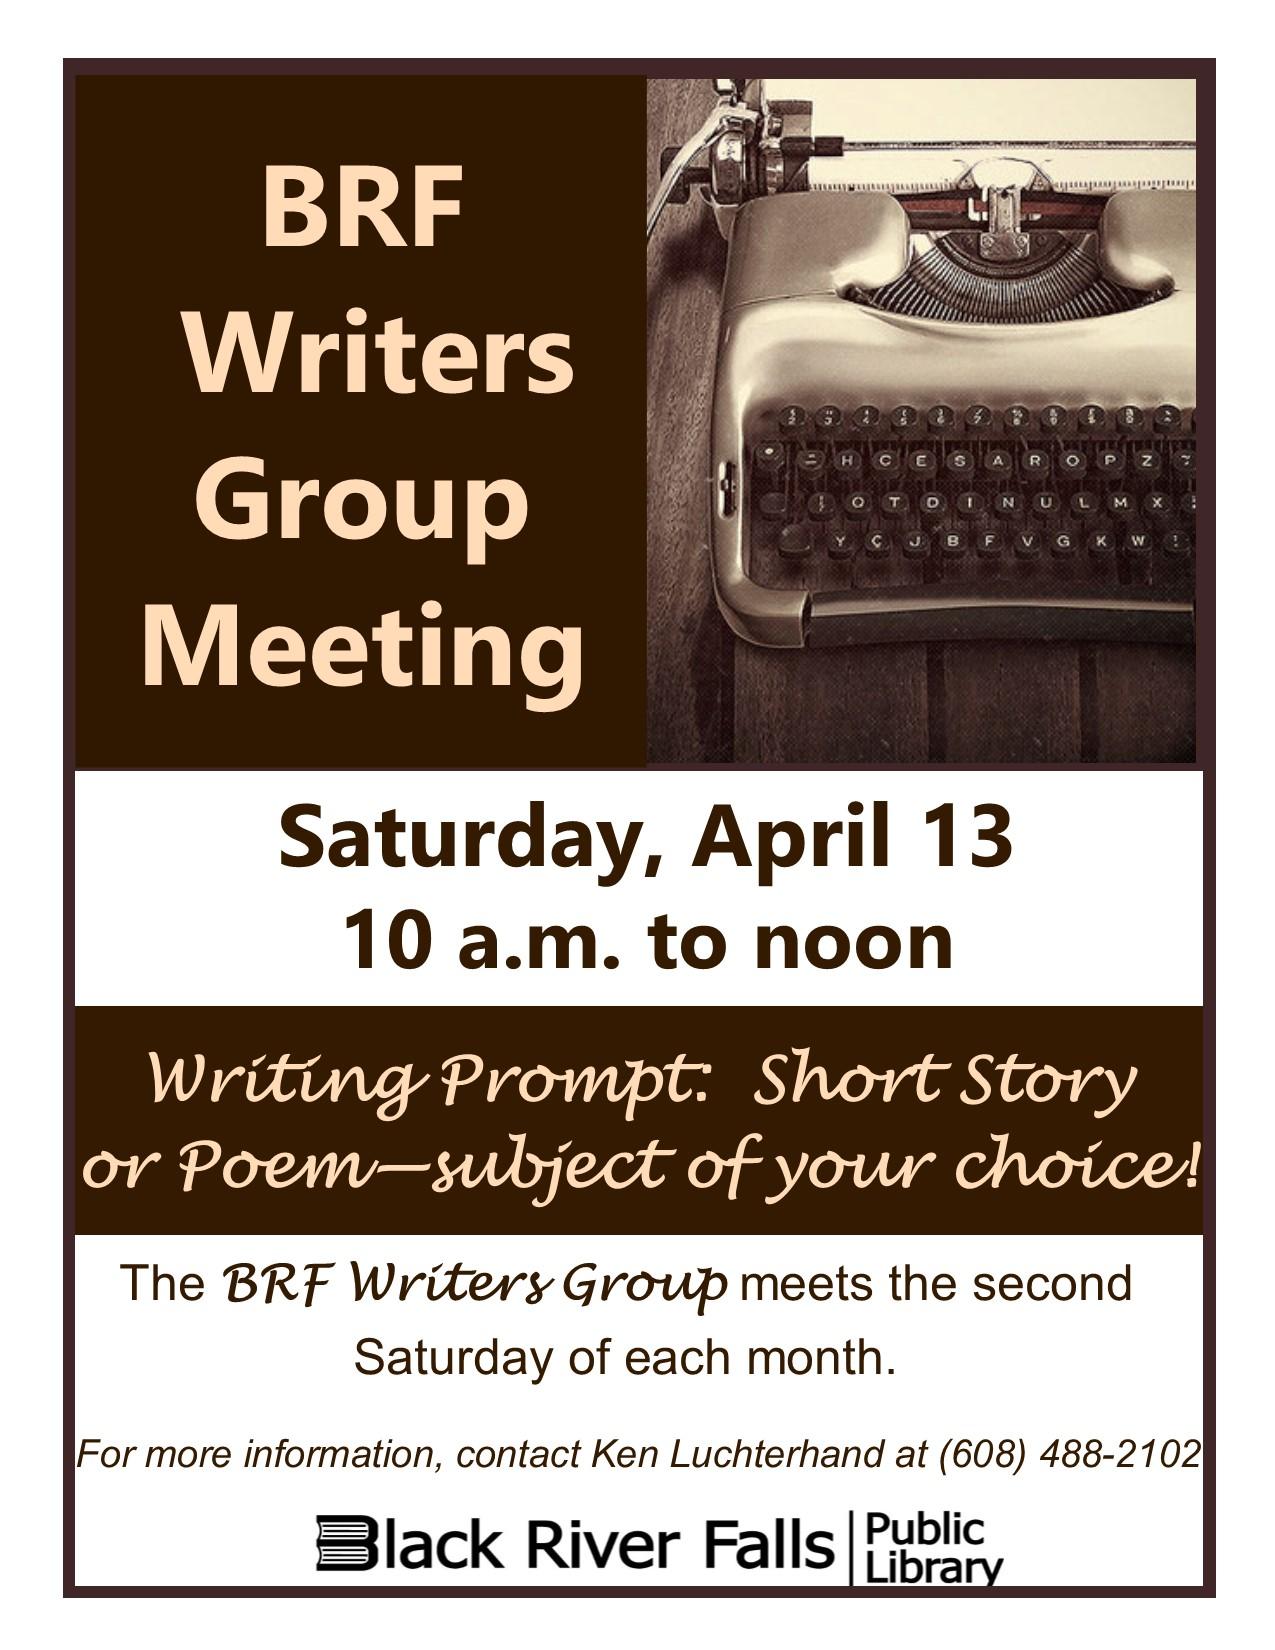 BRF Writers Group Meeting